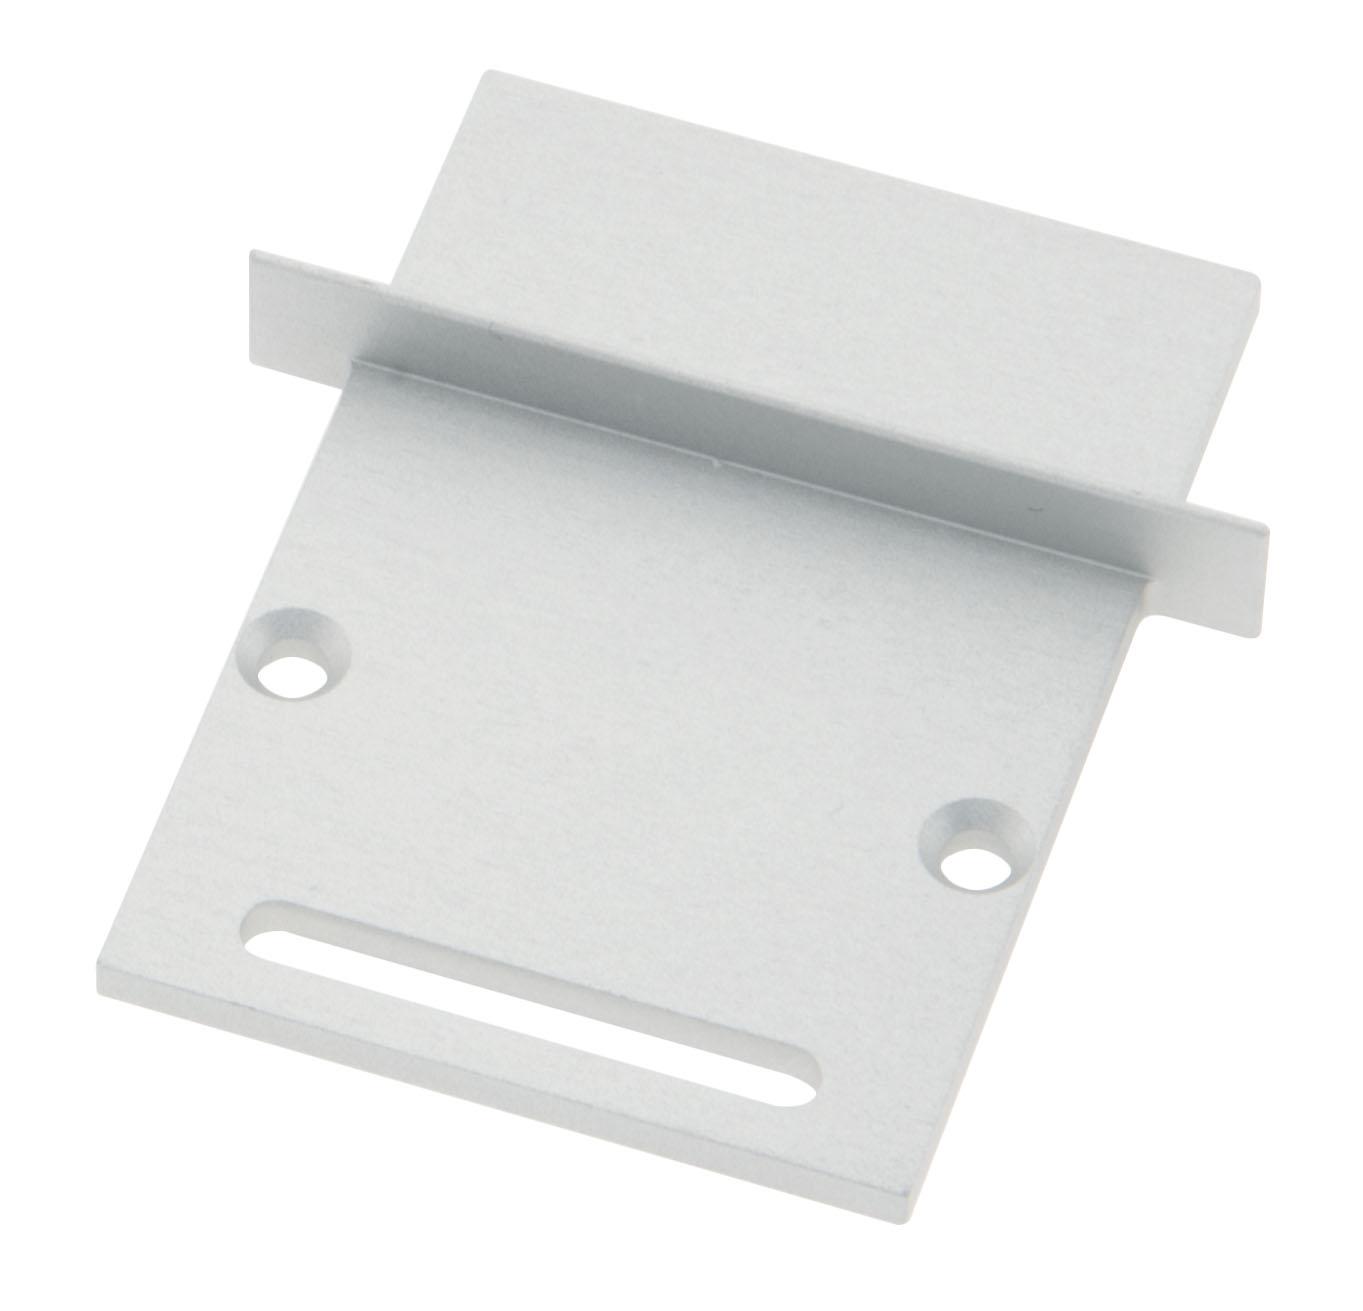 1 Stk Profil Endkappe CLI Eckig mit Langloch inkl. Schrauben LIEK006321